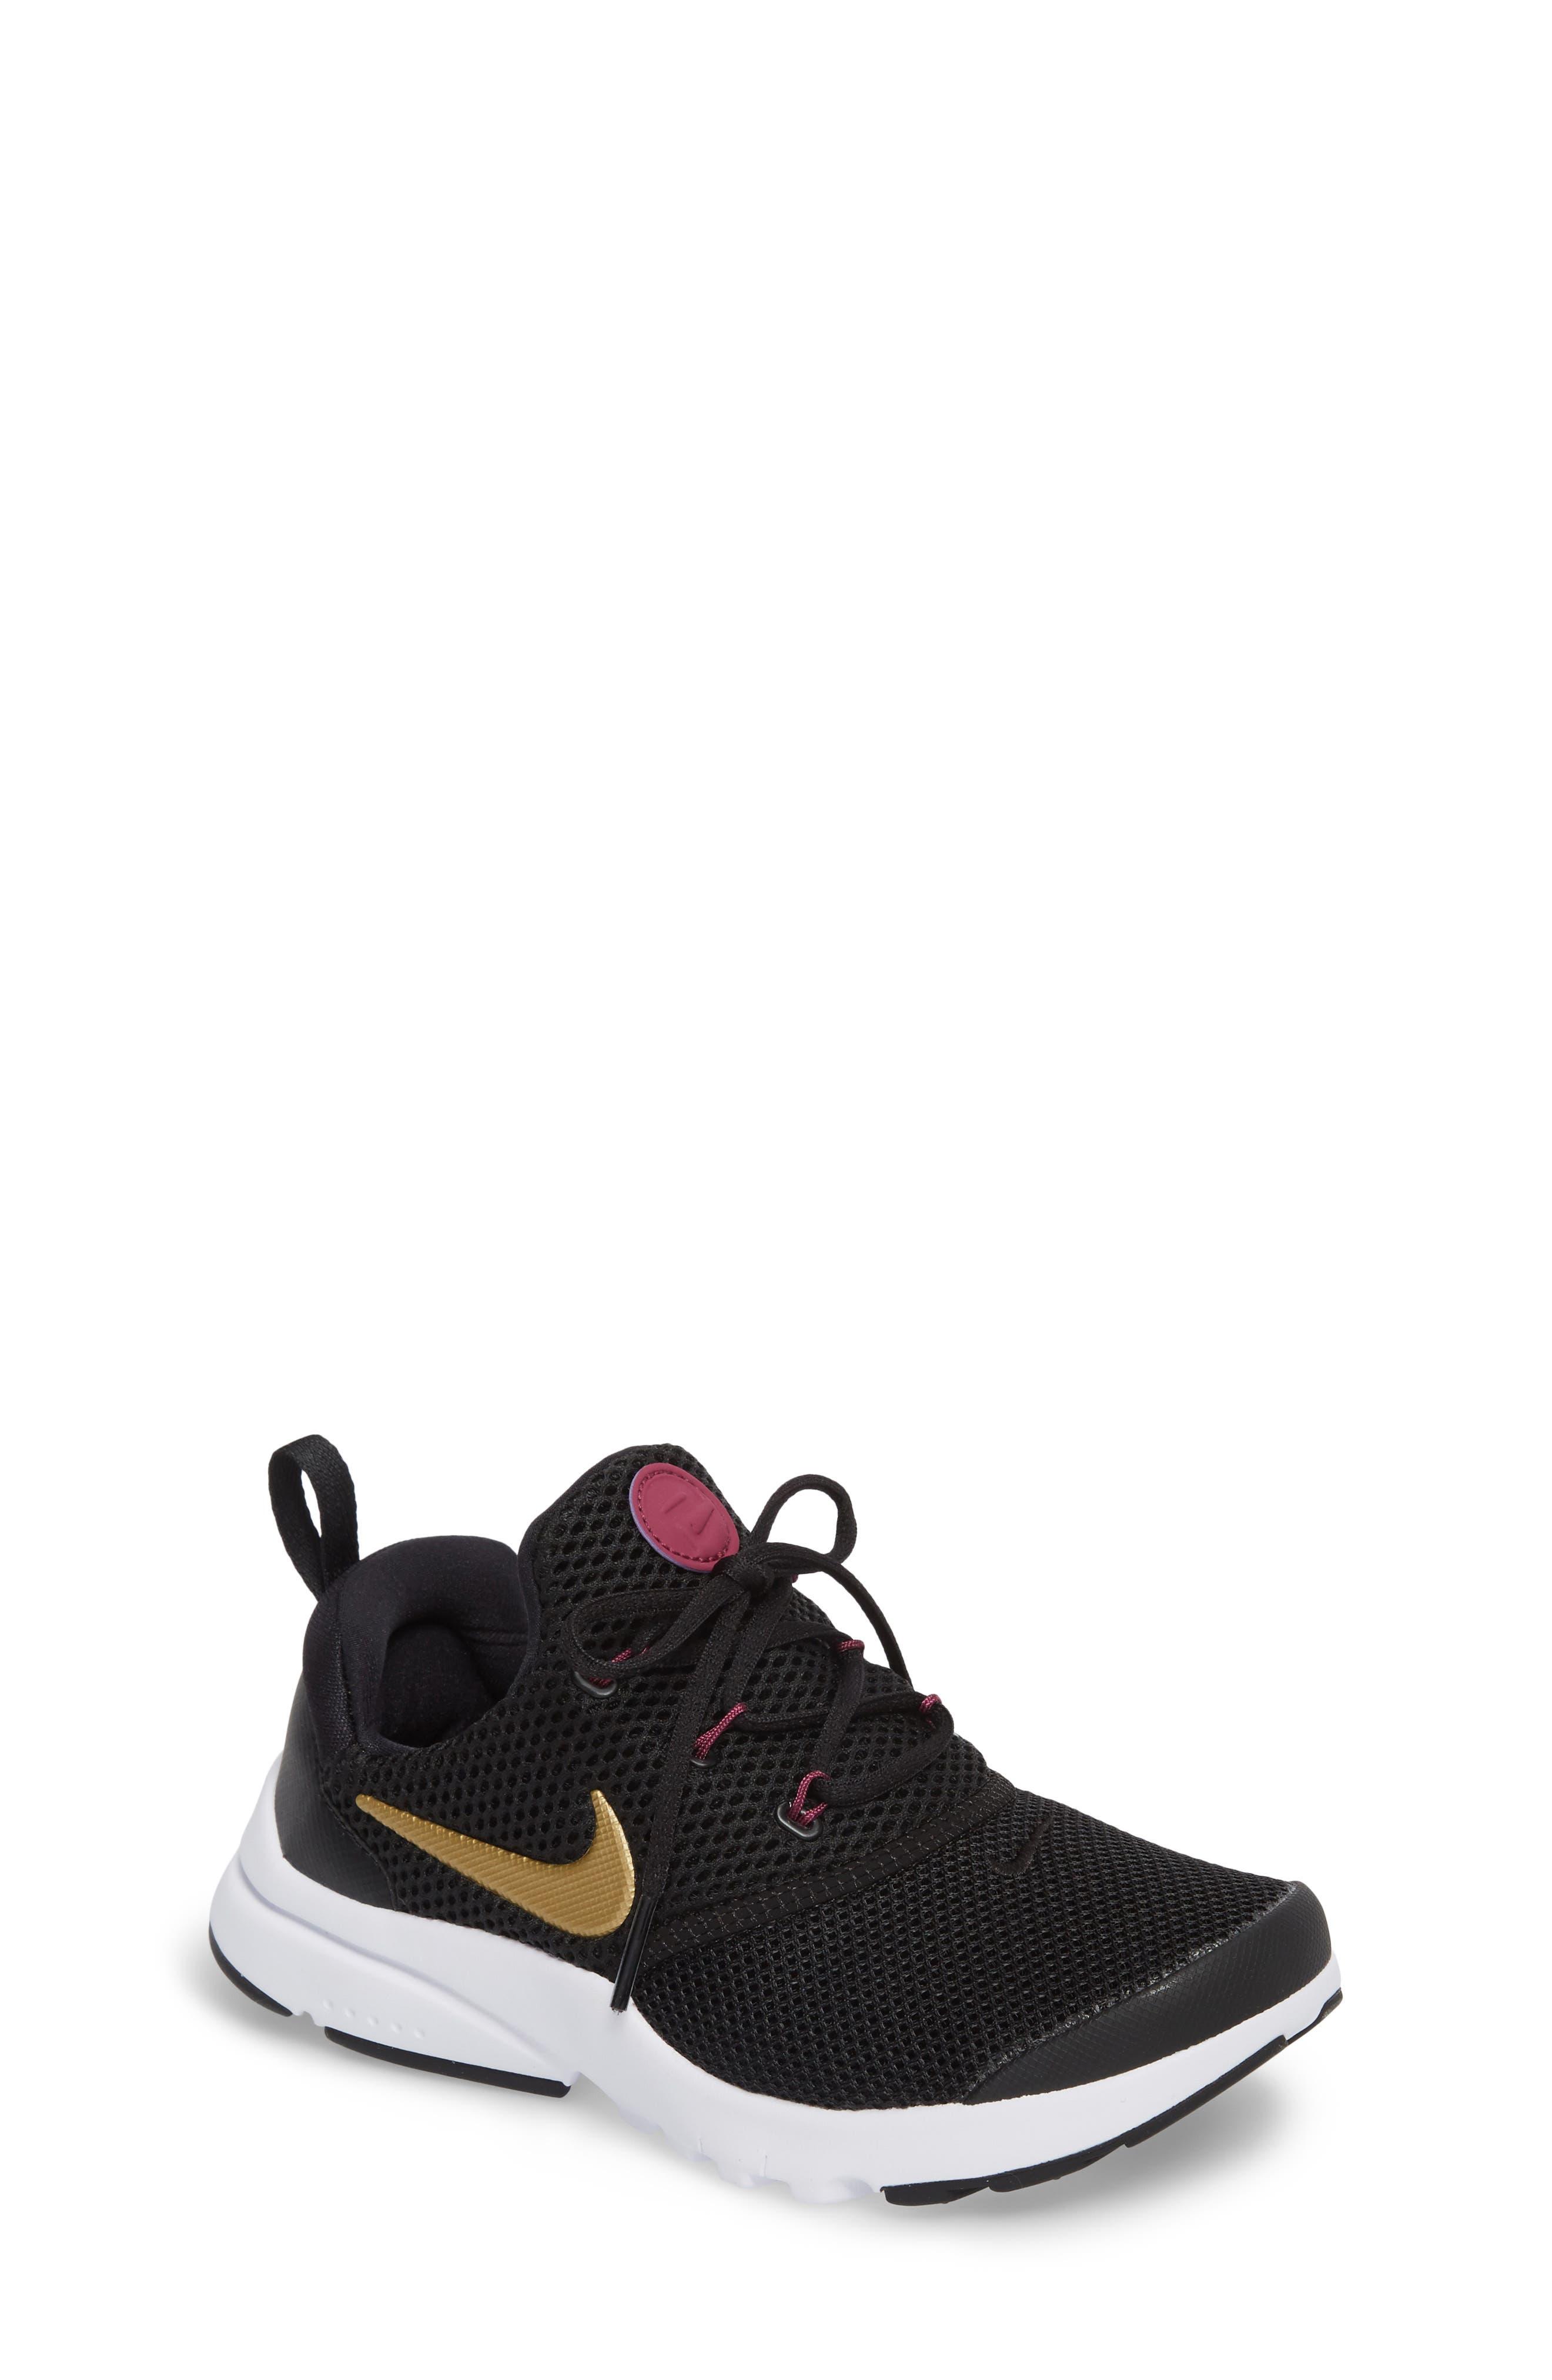 Presto Fly PS Sneaker,                         Main,                         color, Black/ Gold